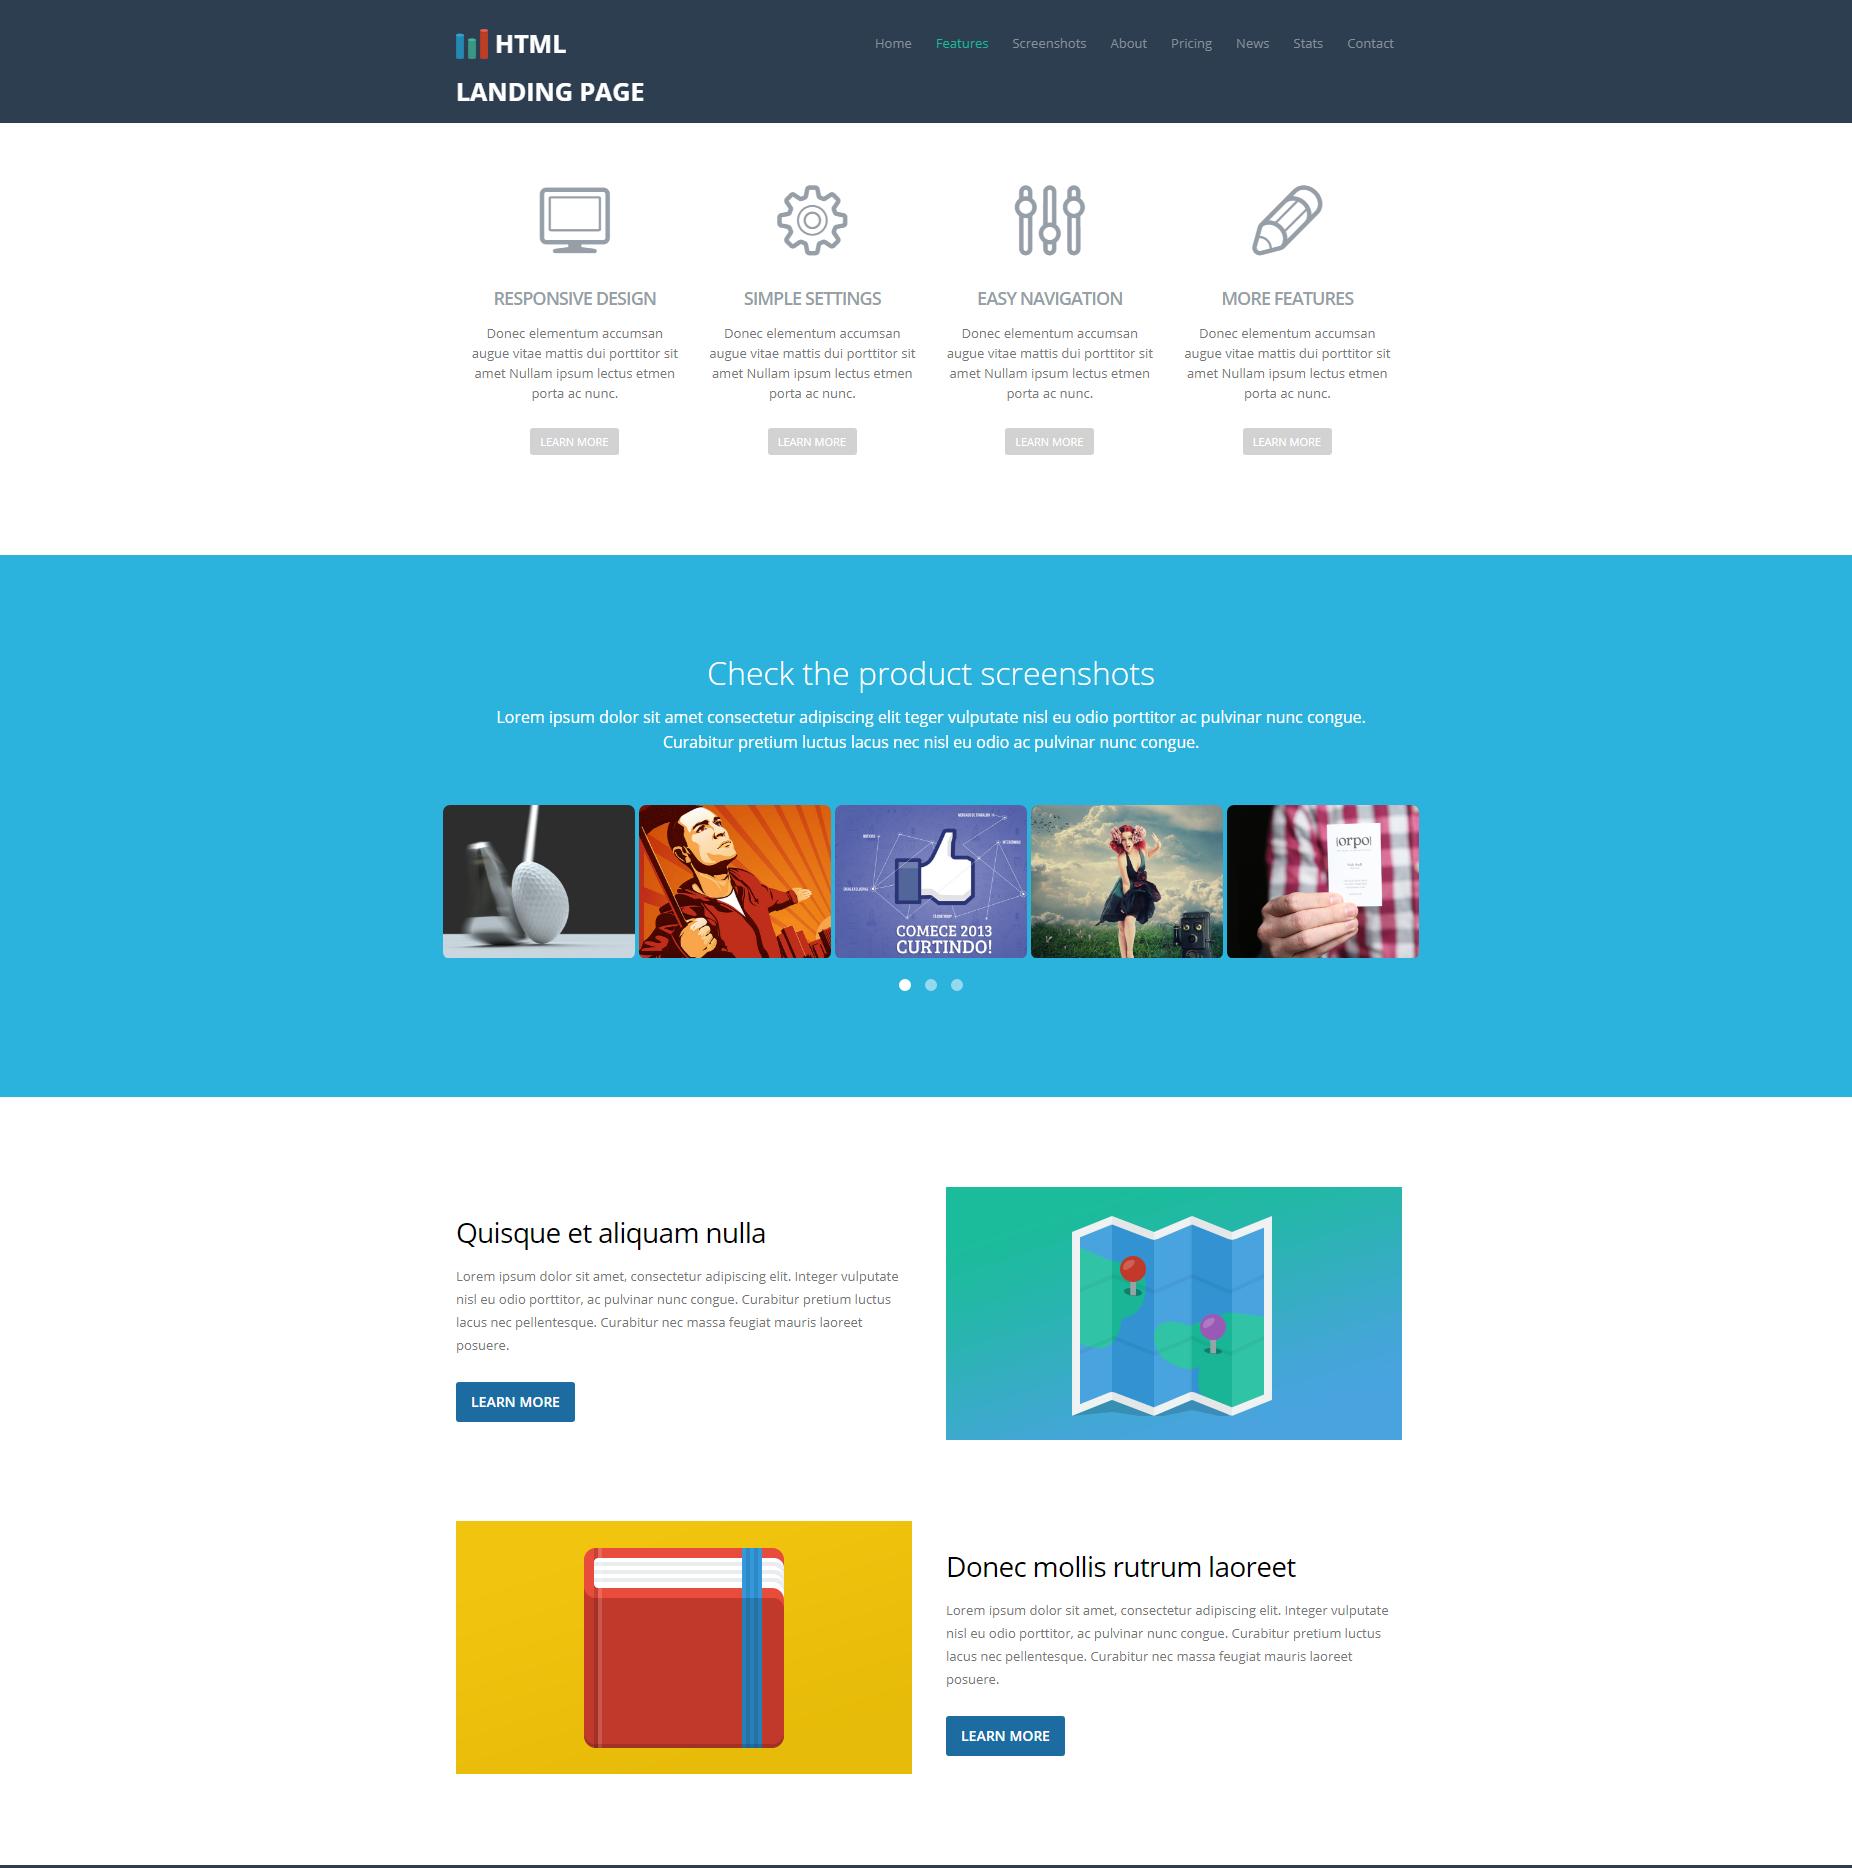 HTML5 Bootstrap Ezyland Templates